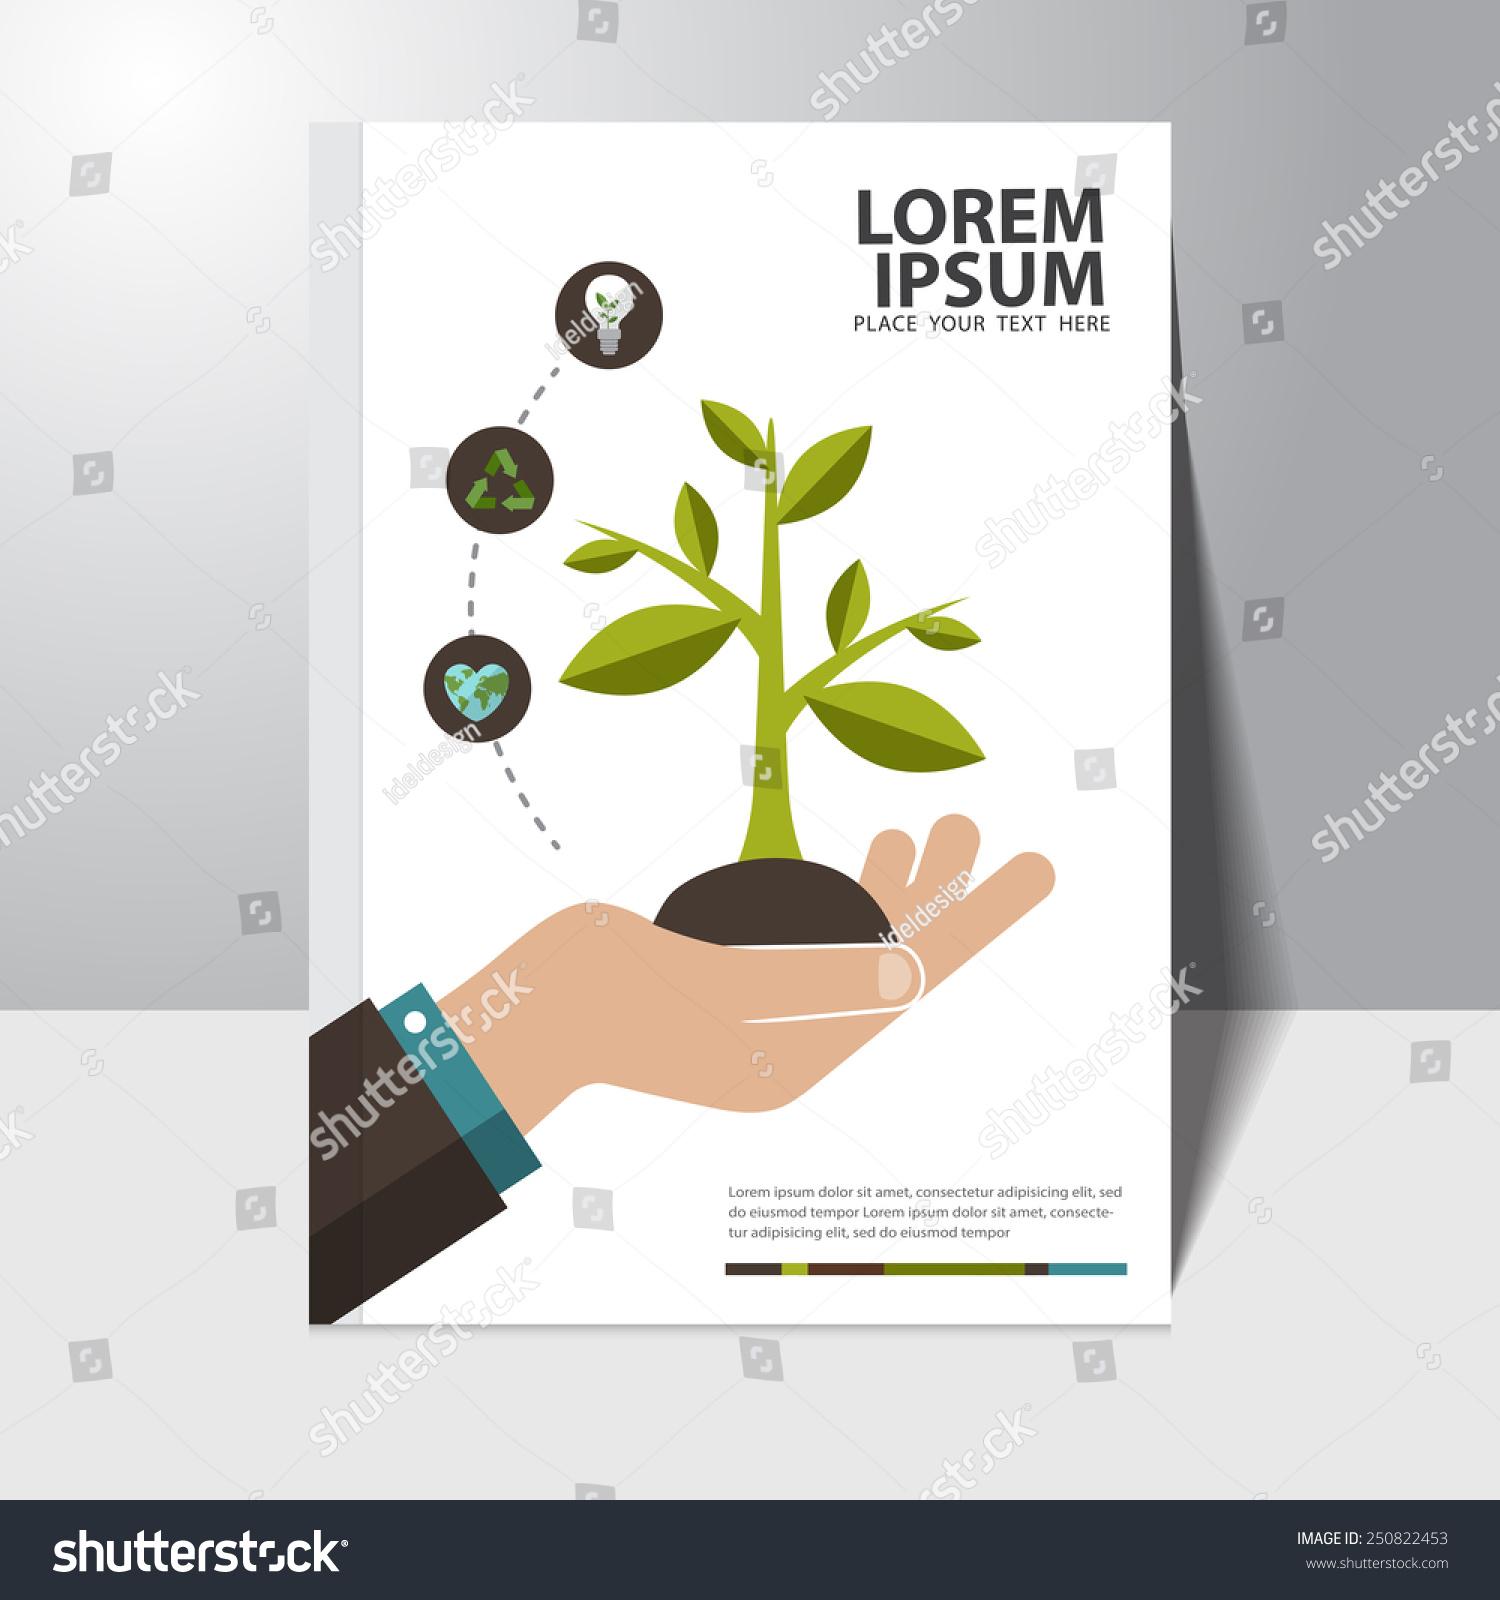 Book Cover Design Near Me : Vector ecology concept book cover design stock